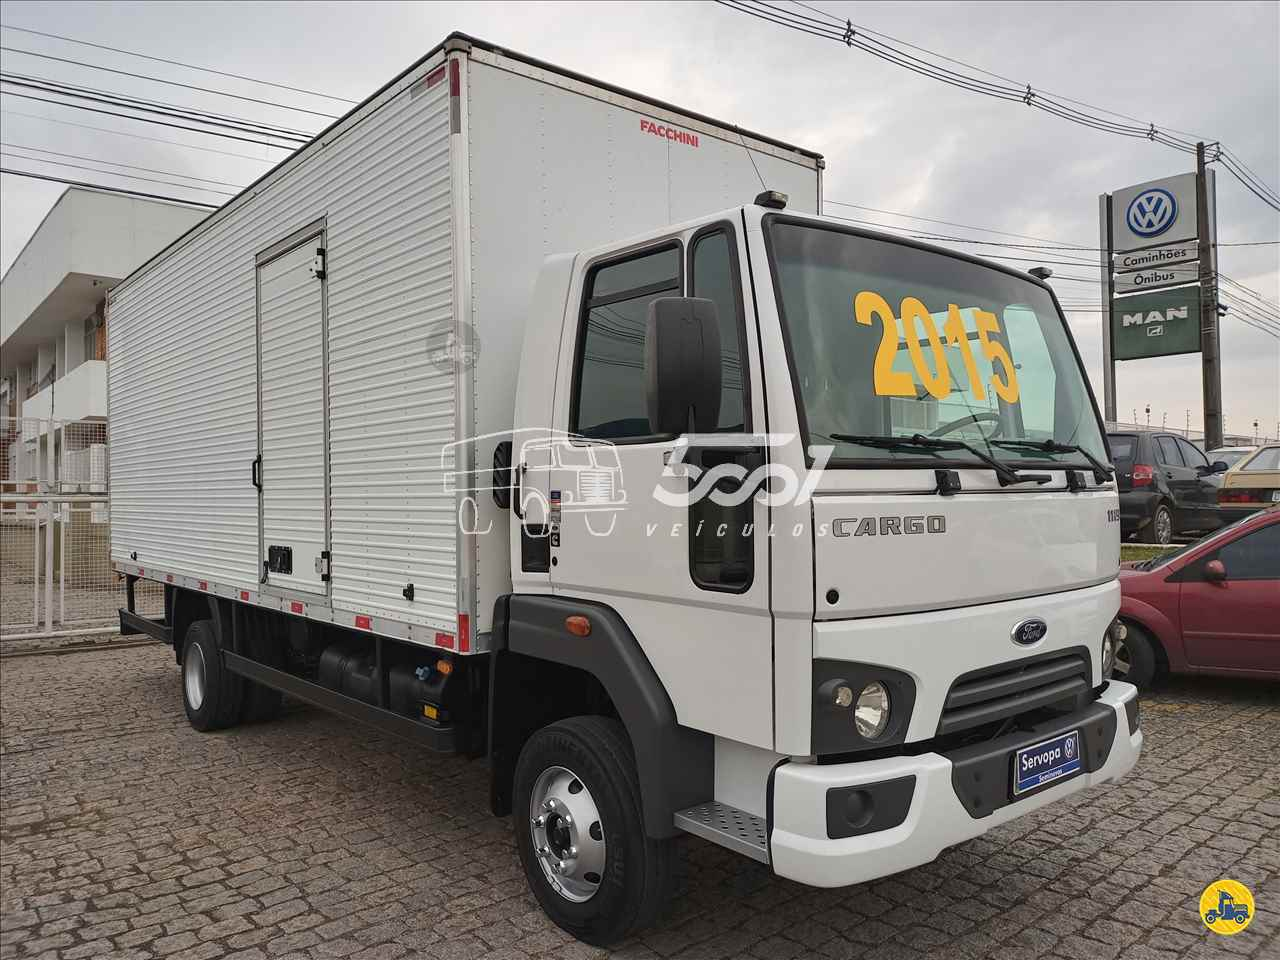 CAMINHAO FORD CARGO 1119 Baú Furgão 3/4 4x2 5001 Veículos - Curitiba CURITIBA PARANÁ PR